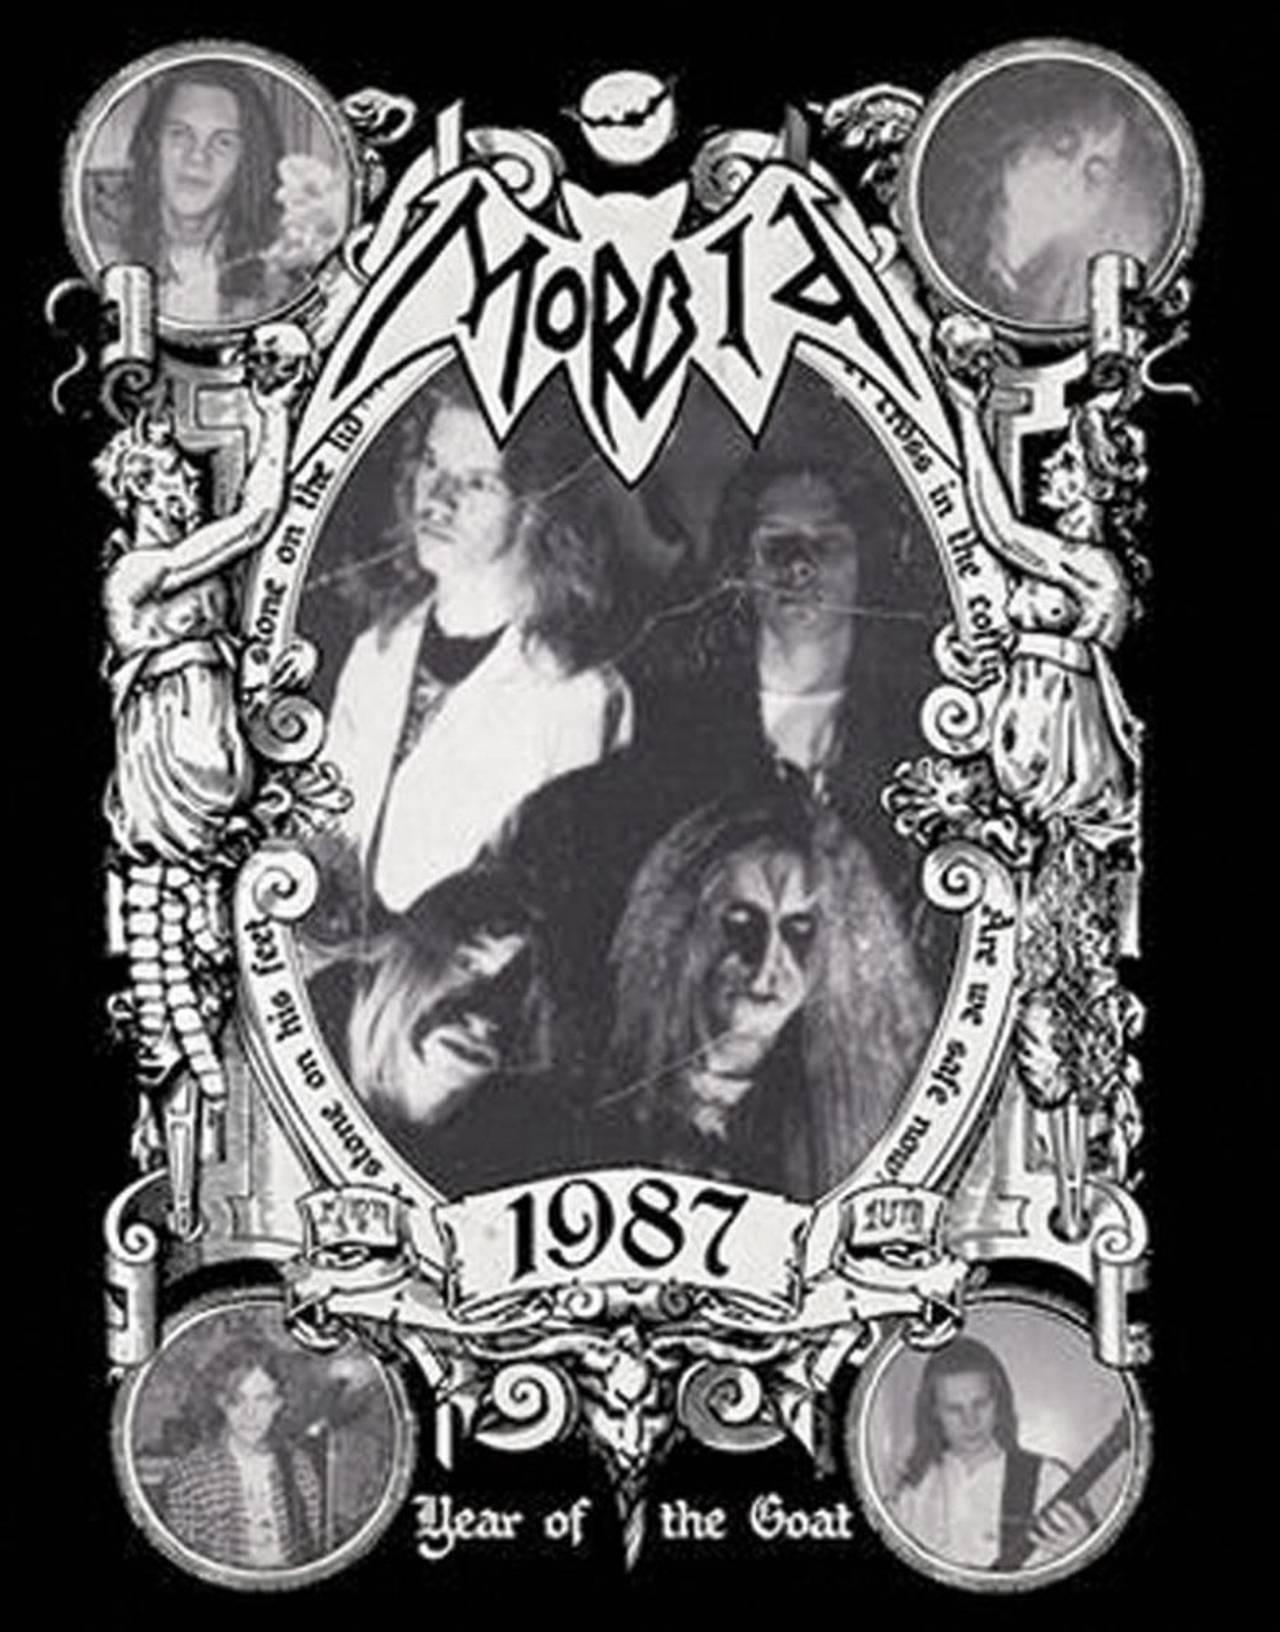 Coveret til Year of the Goat samleplaten til Morbid. På coveret ser du bandets logo og bandmedlemmer i 1987.